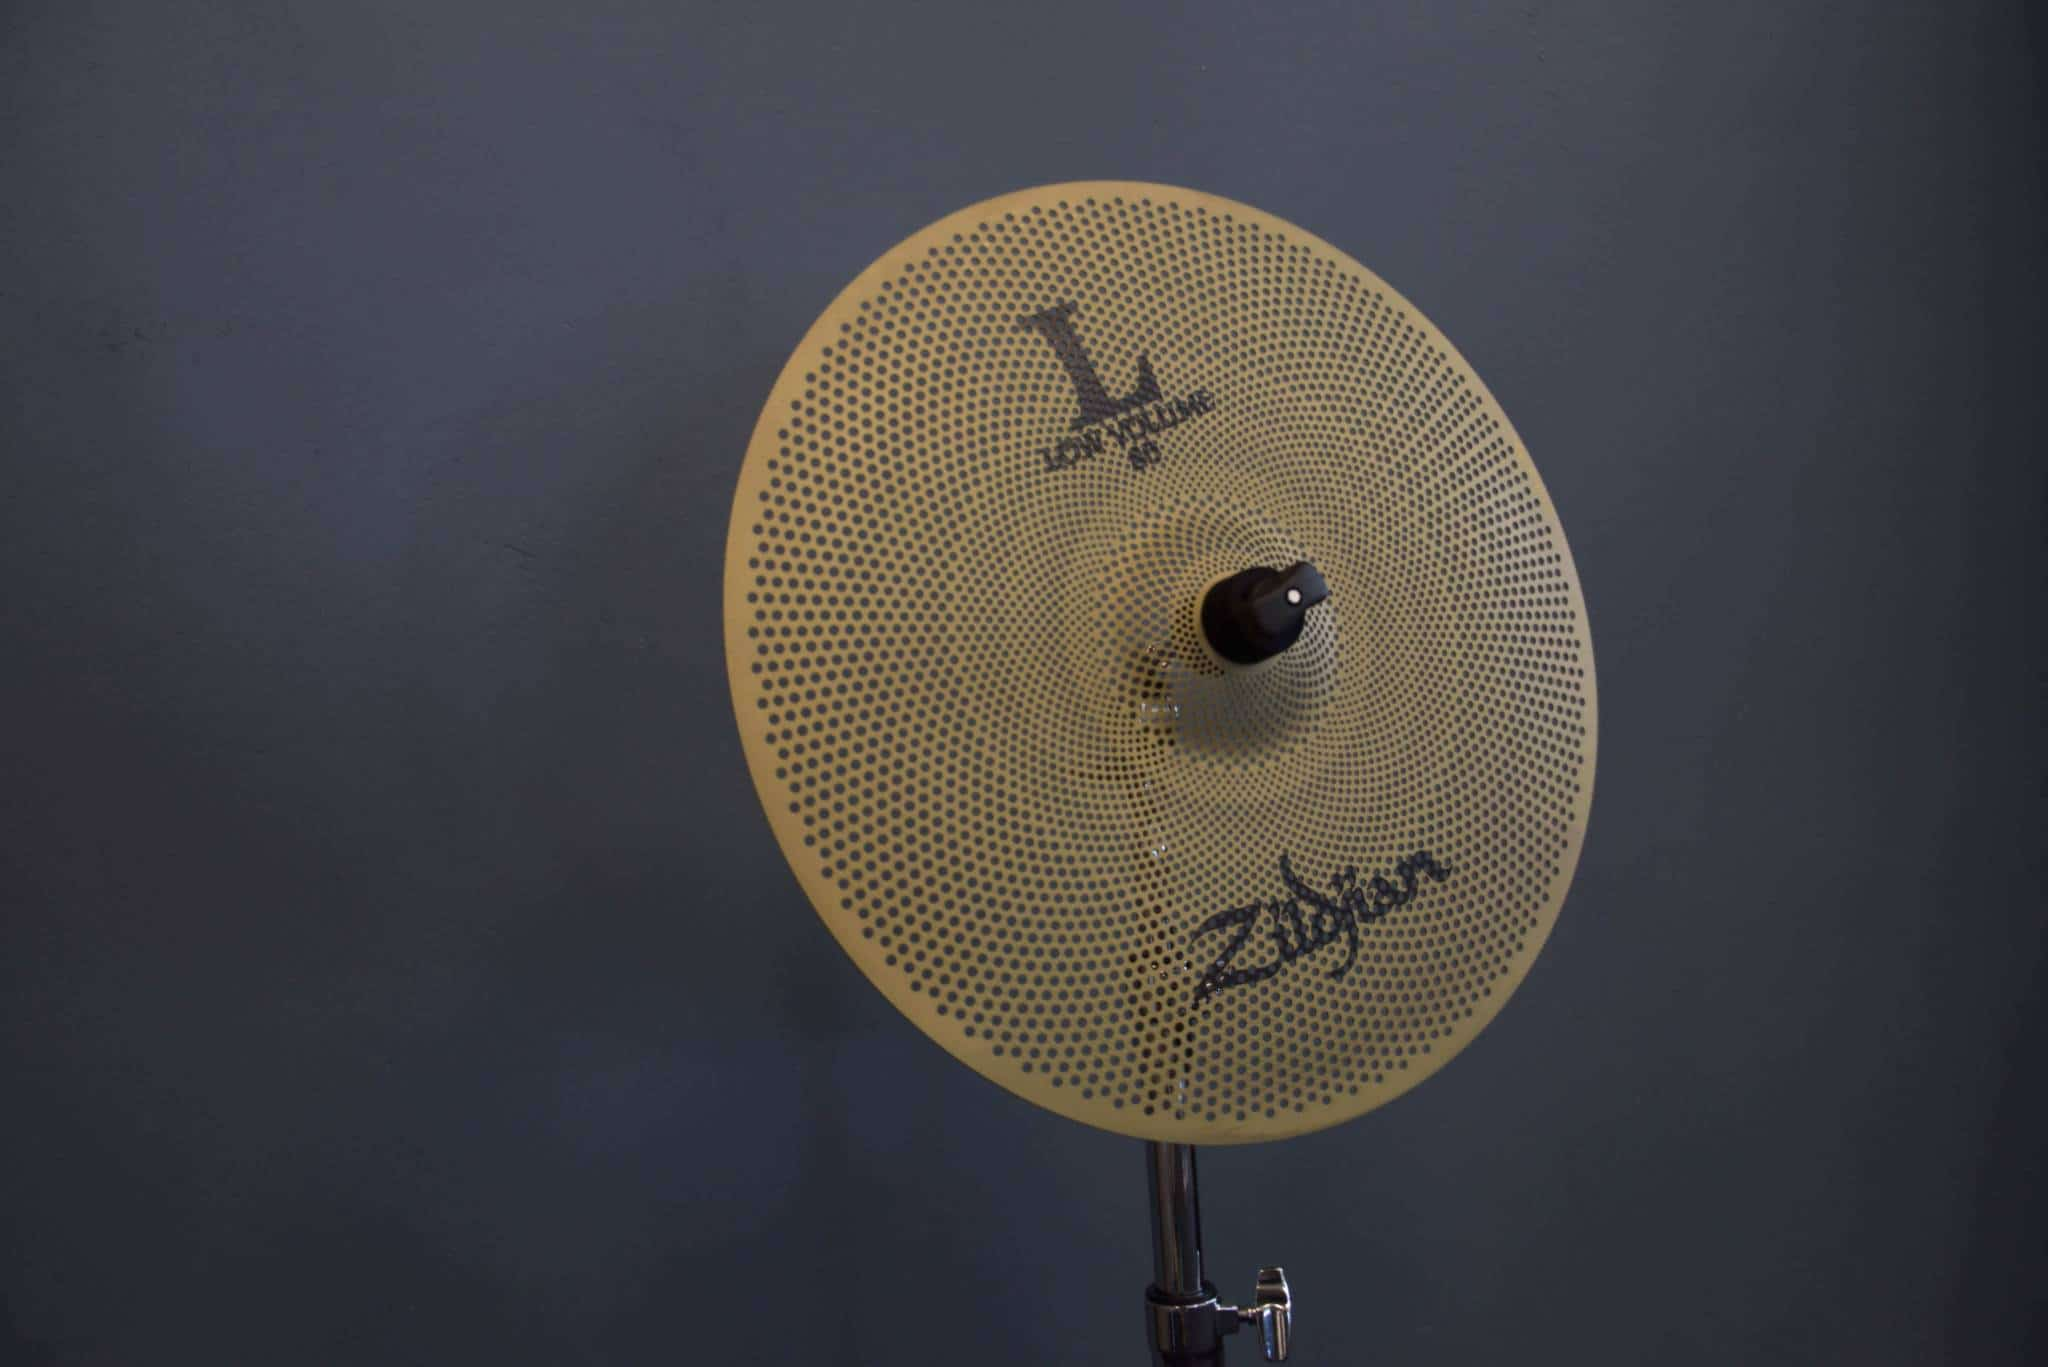 Zildjian Low Volume bekken